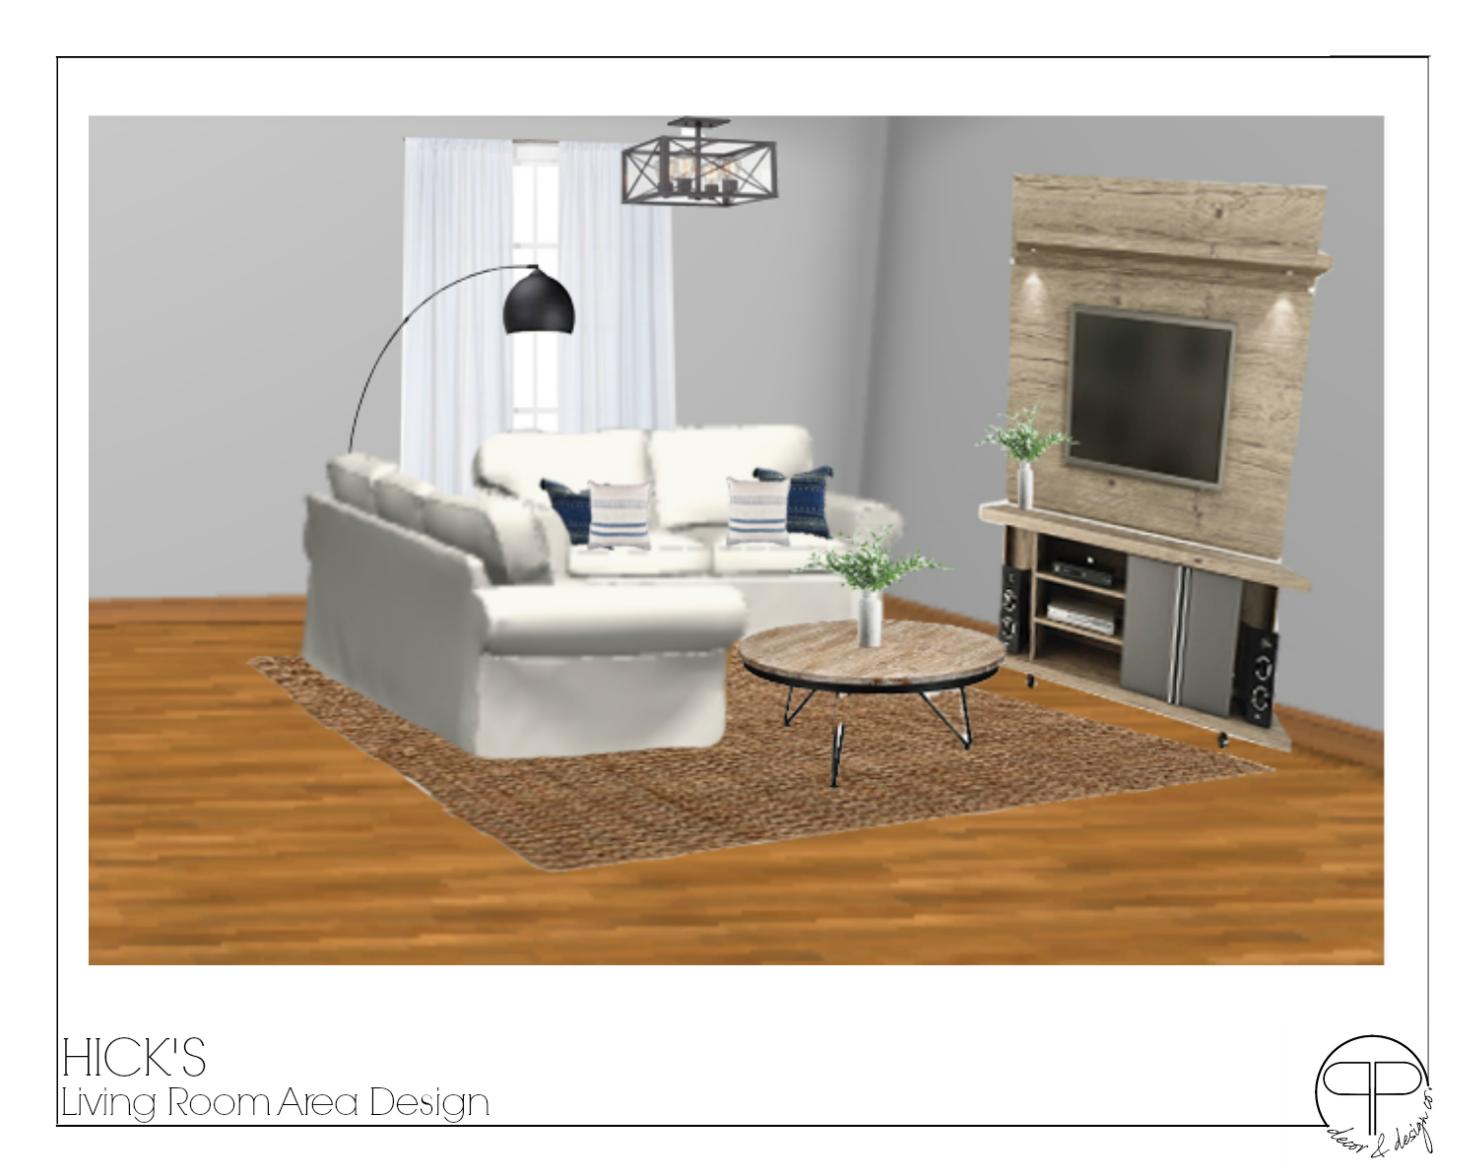 Hicks_Living_Room_Design.png